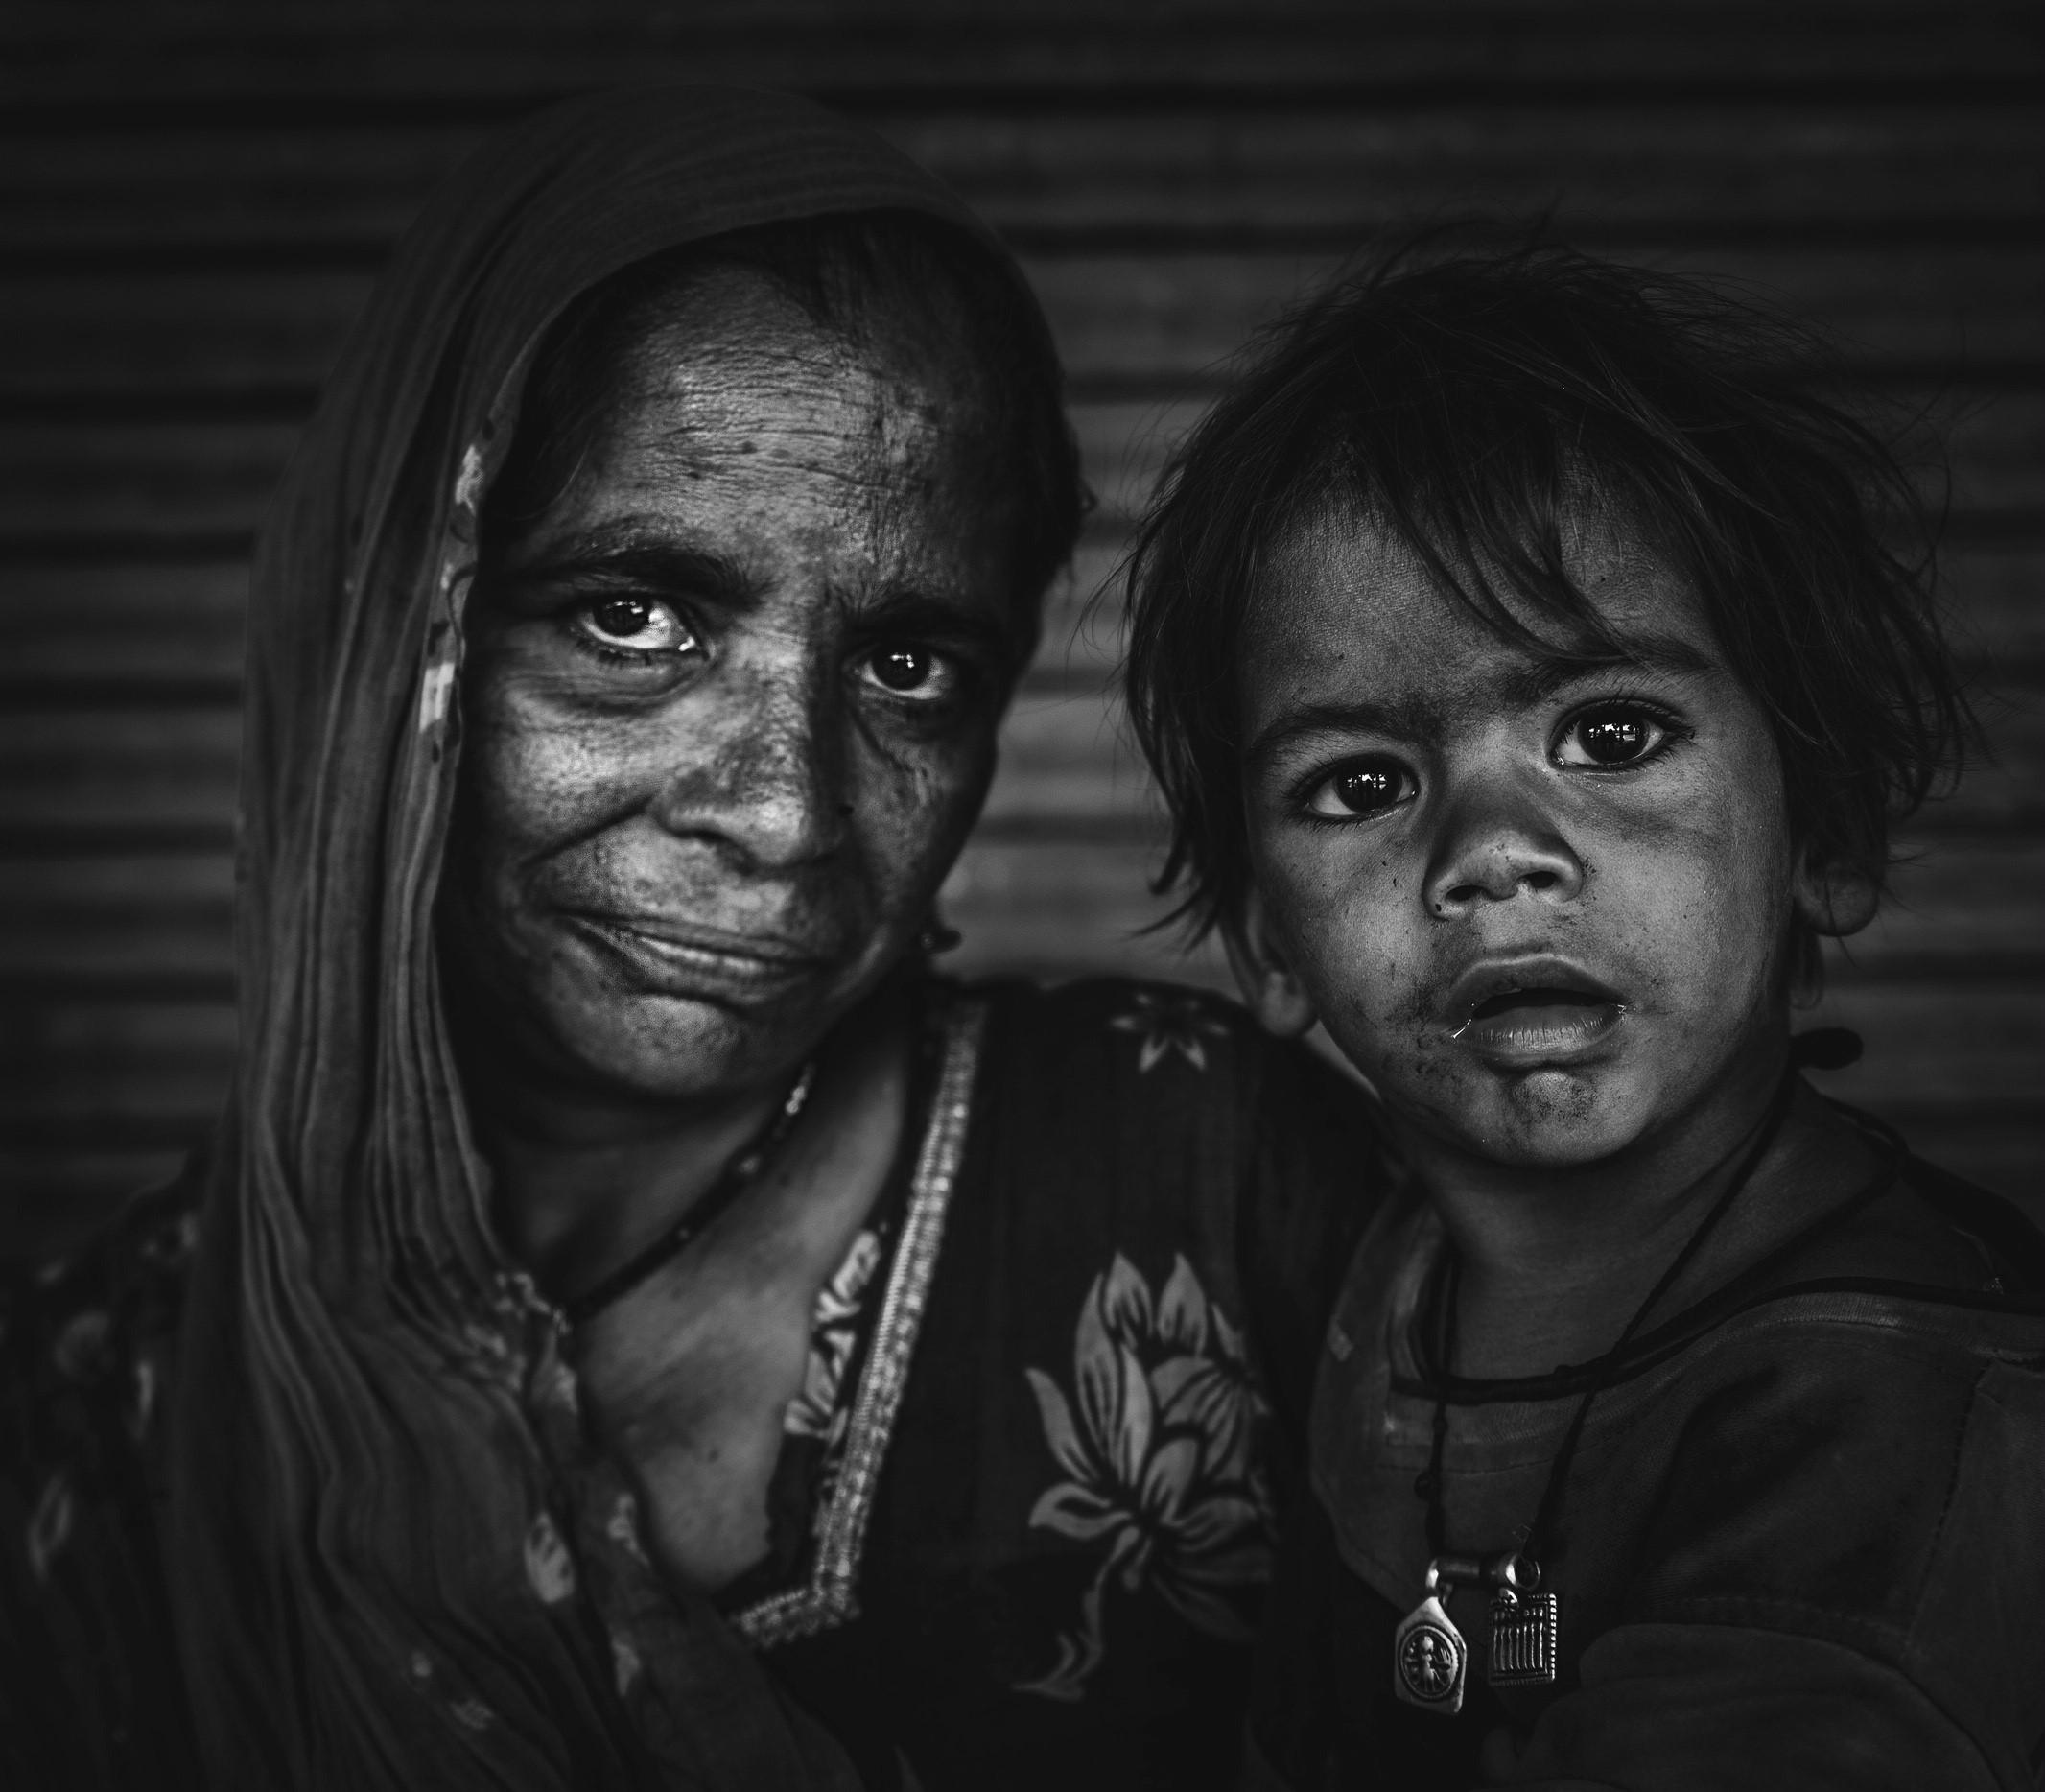 توثيق الفقر ومعاناة الأسر خلال رحلاته الدولية (سالم عريبي).jpg